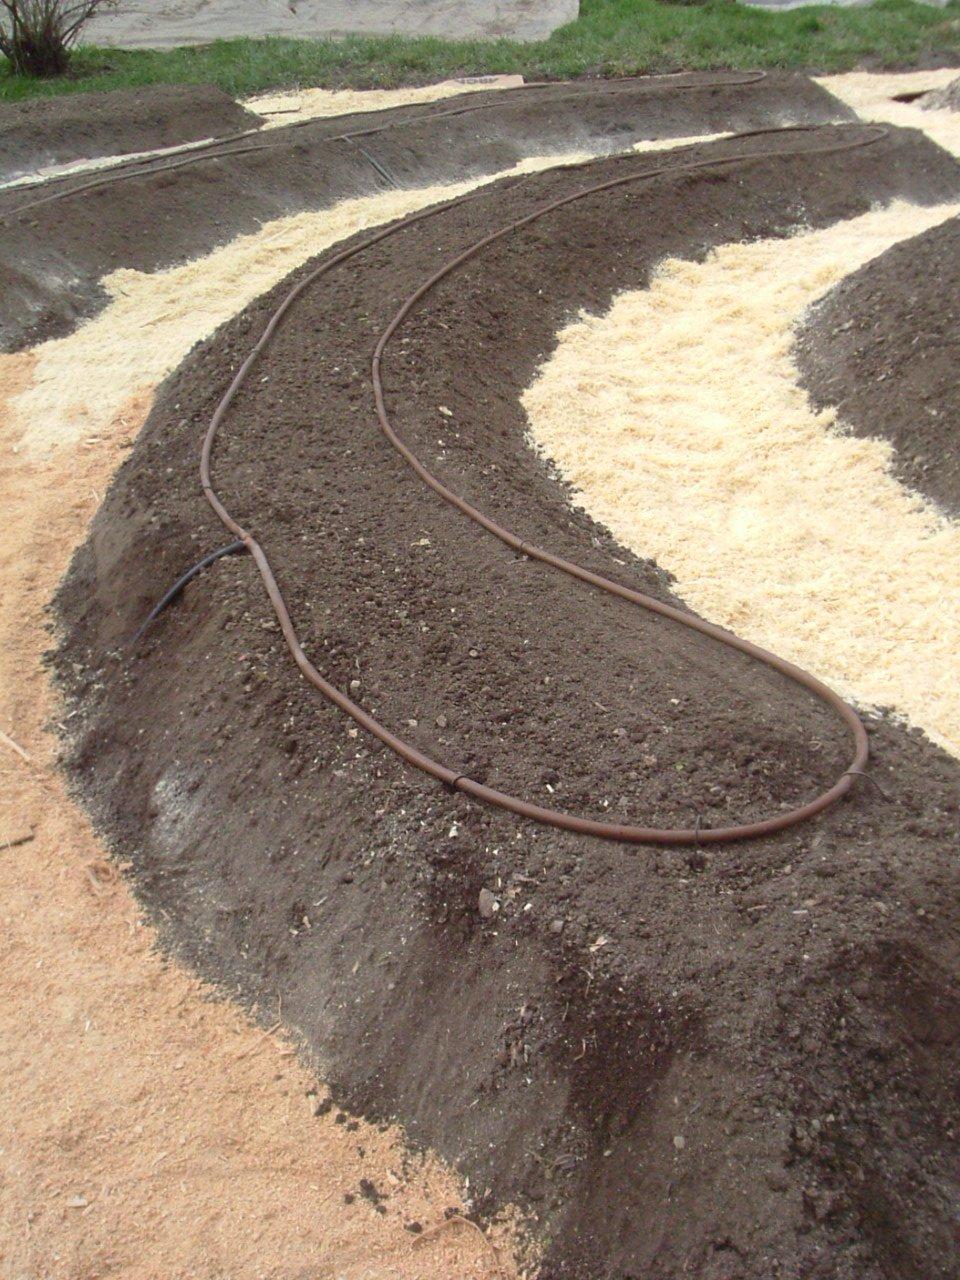 Bancale con irrigazione goccia a goccia